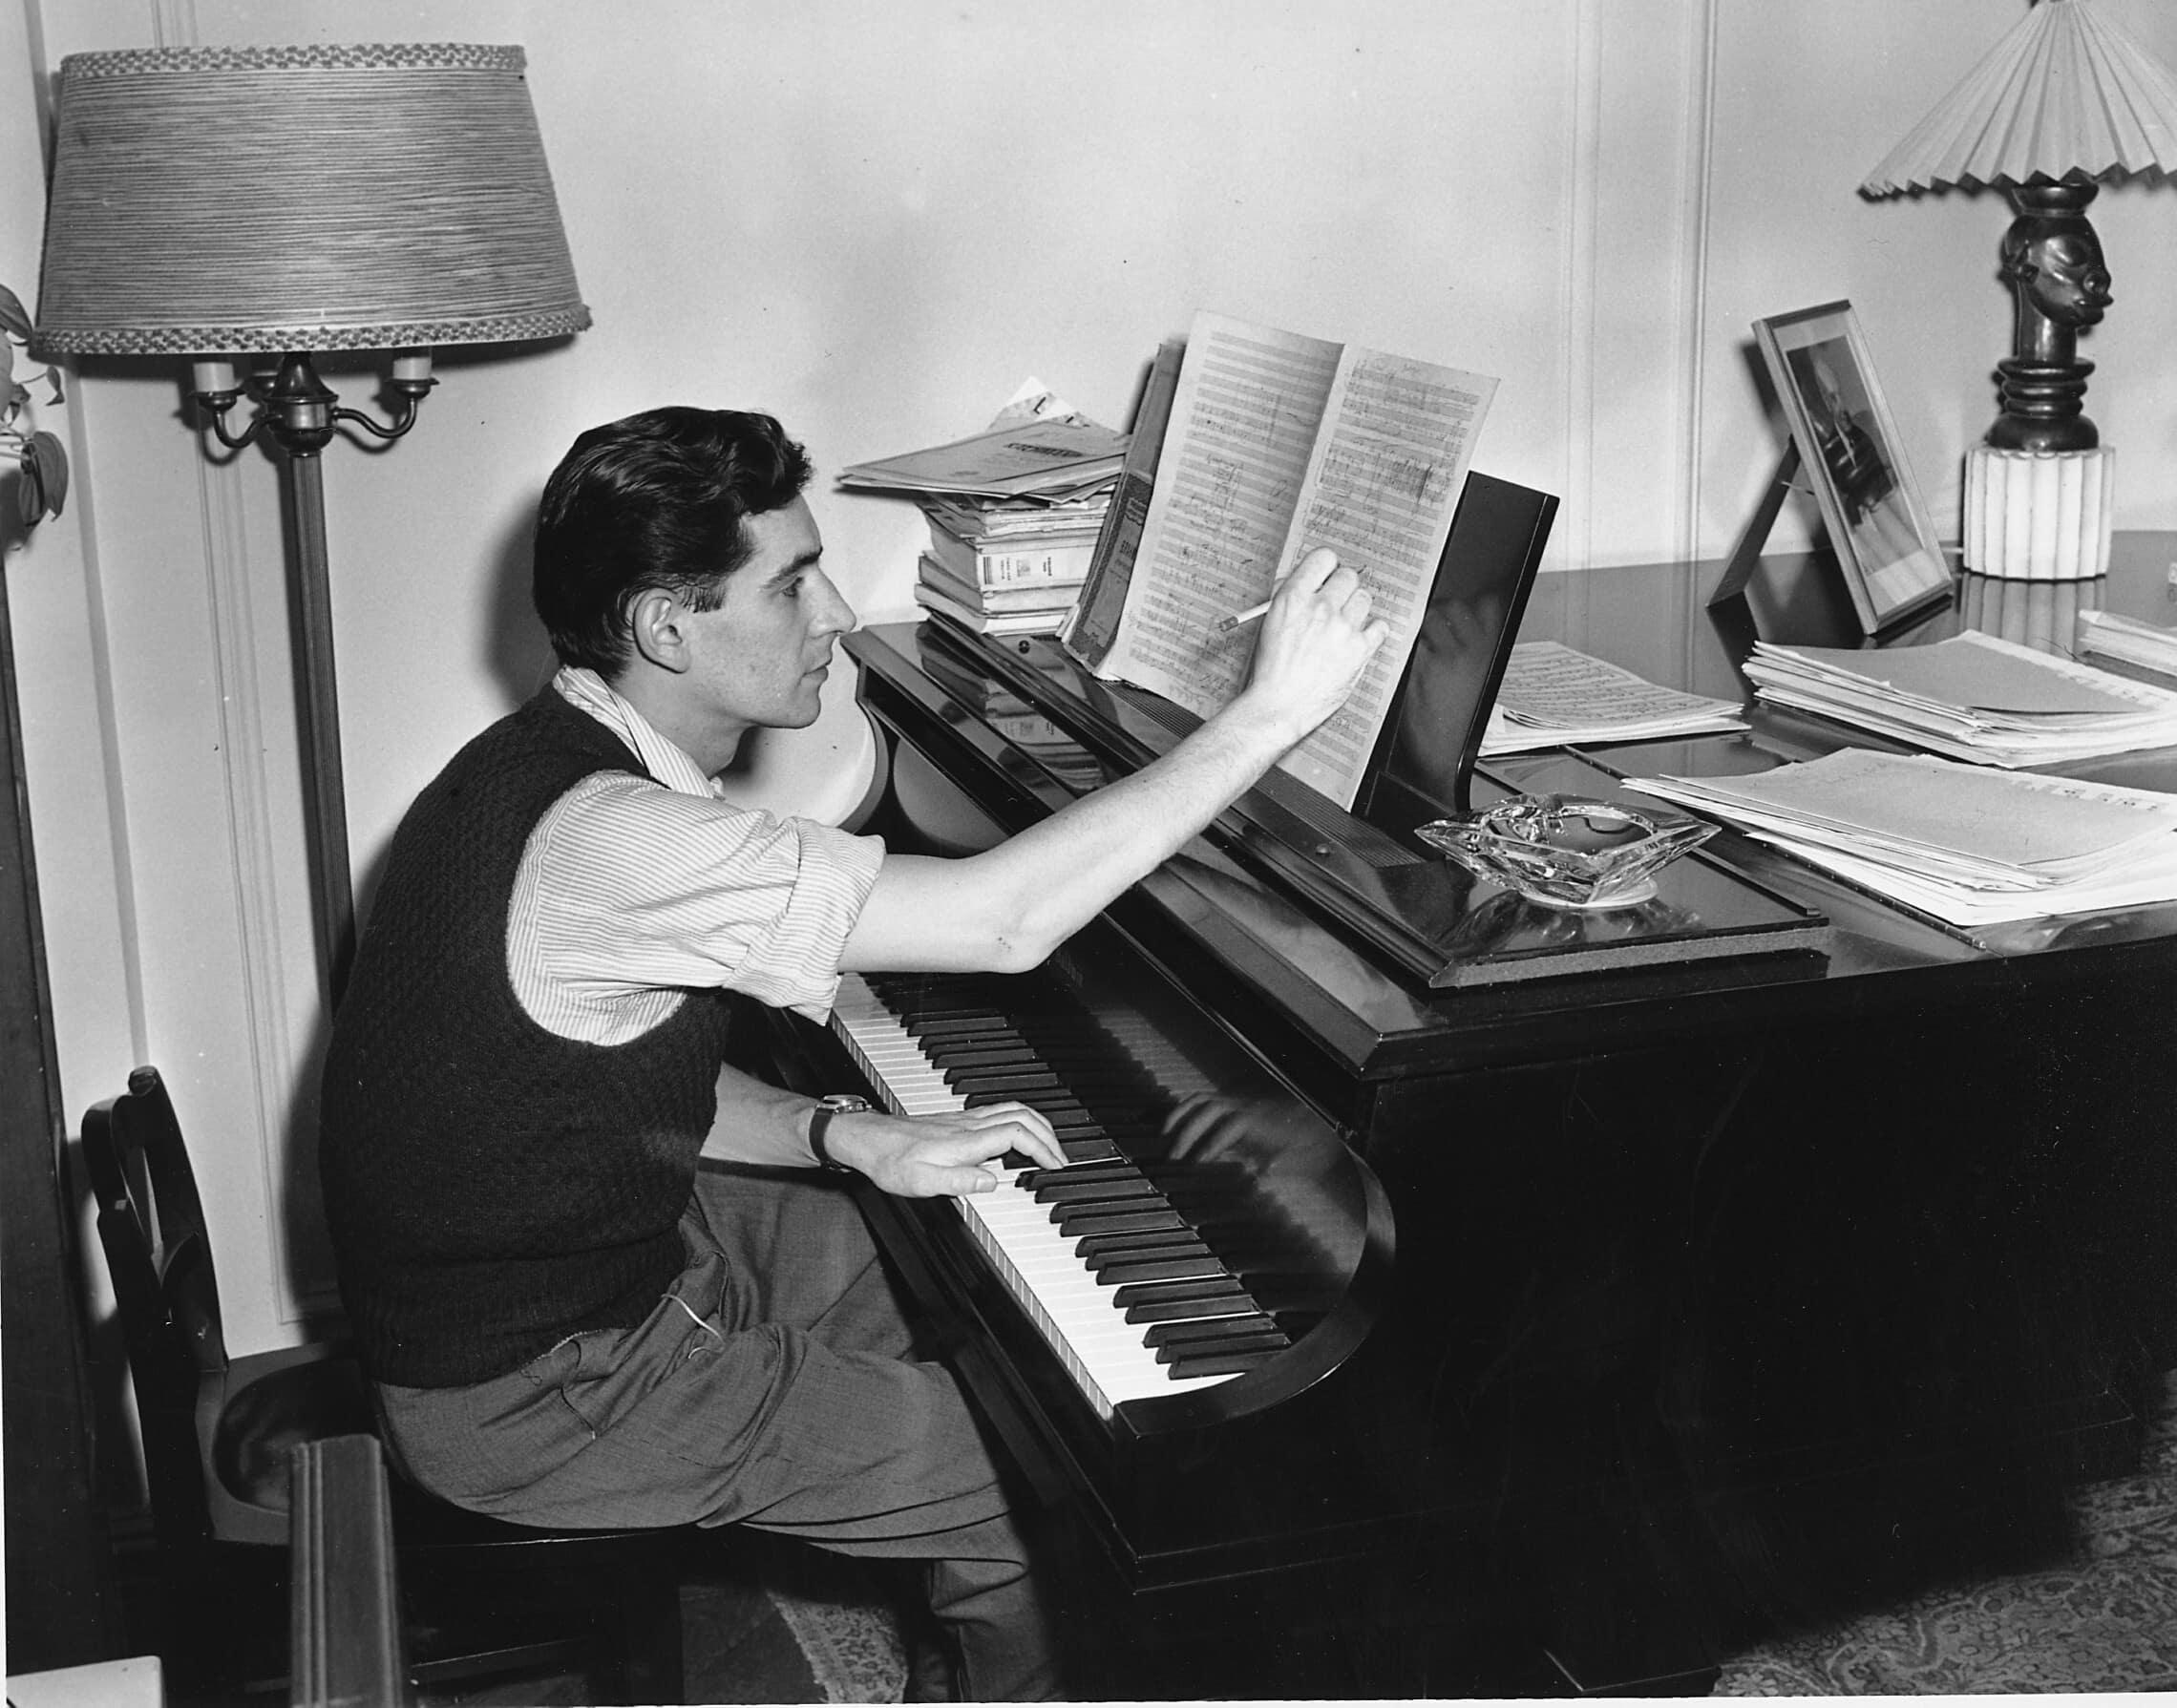 לאונרד ברנשטיין בדירתו בניו יורק ב-1945 (צילום: AP Photo)